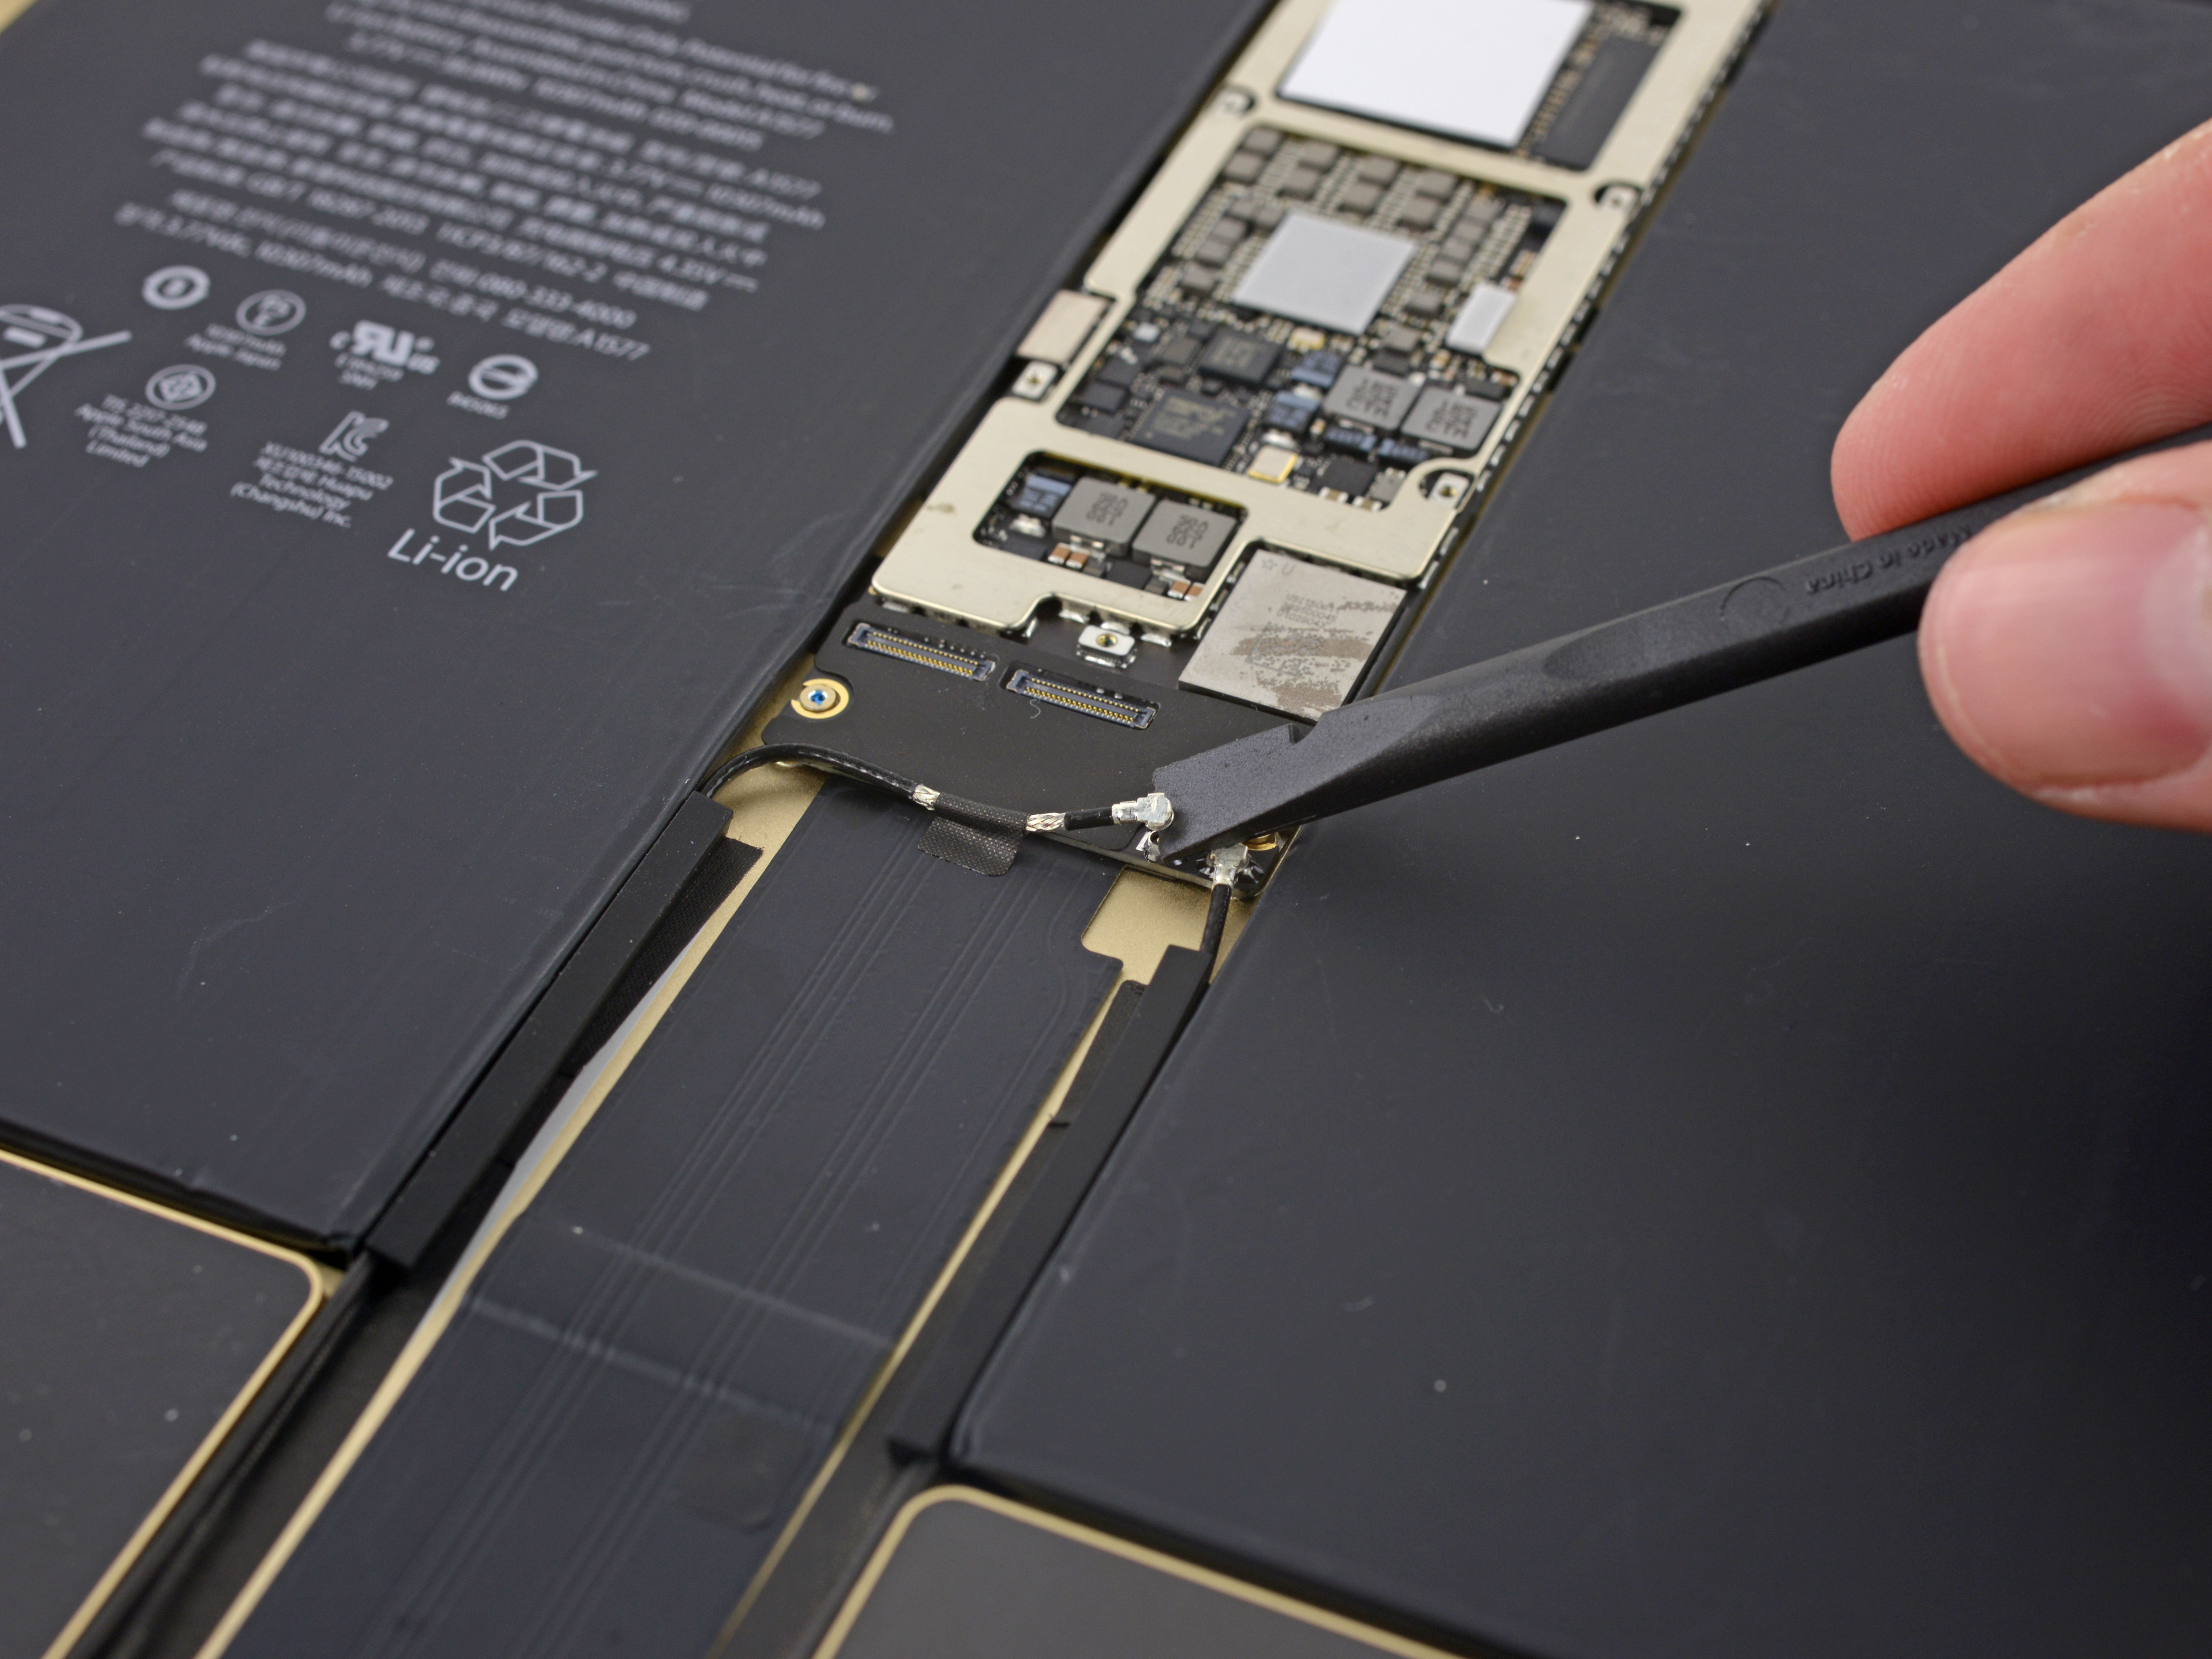 Спецы ifixit разобрали ipad air и mini 5, проверив на ремонтопригодность — wylsacom